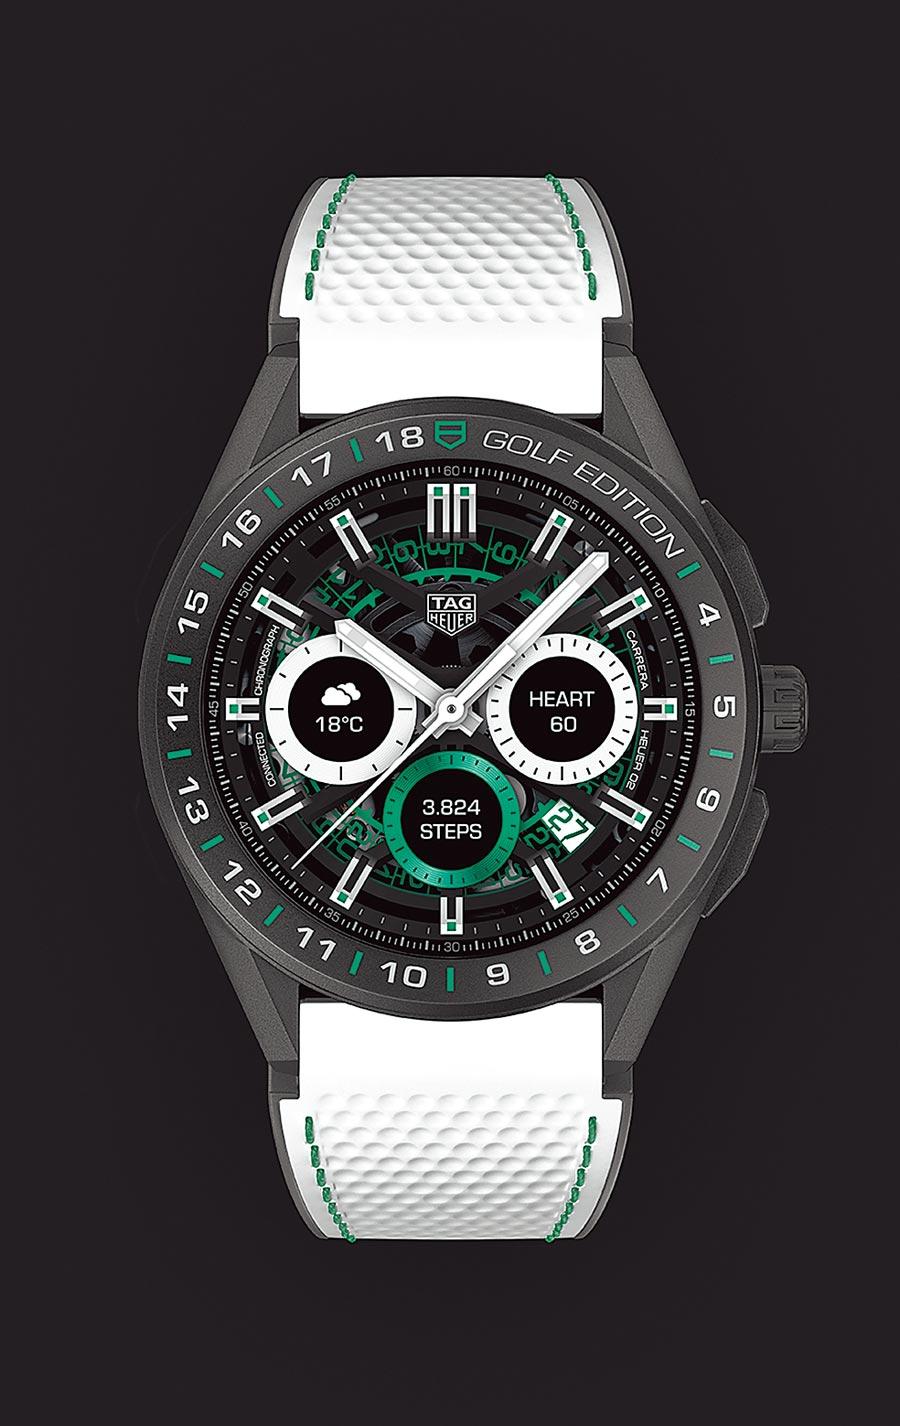 泰格豪雅Connected 高爾夫球特別版智能腕表,8萬4100元。(TAG Heuer提供)